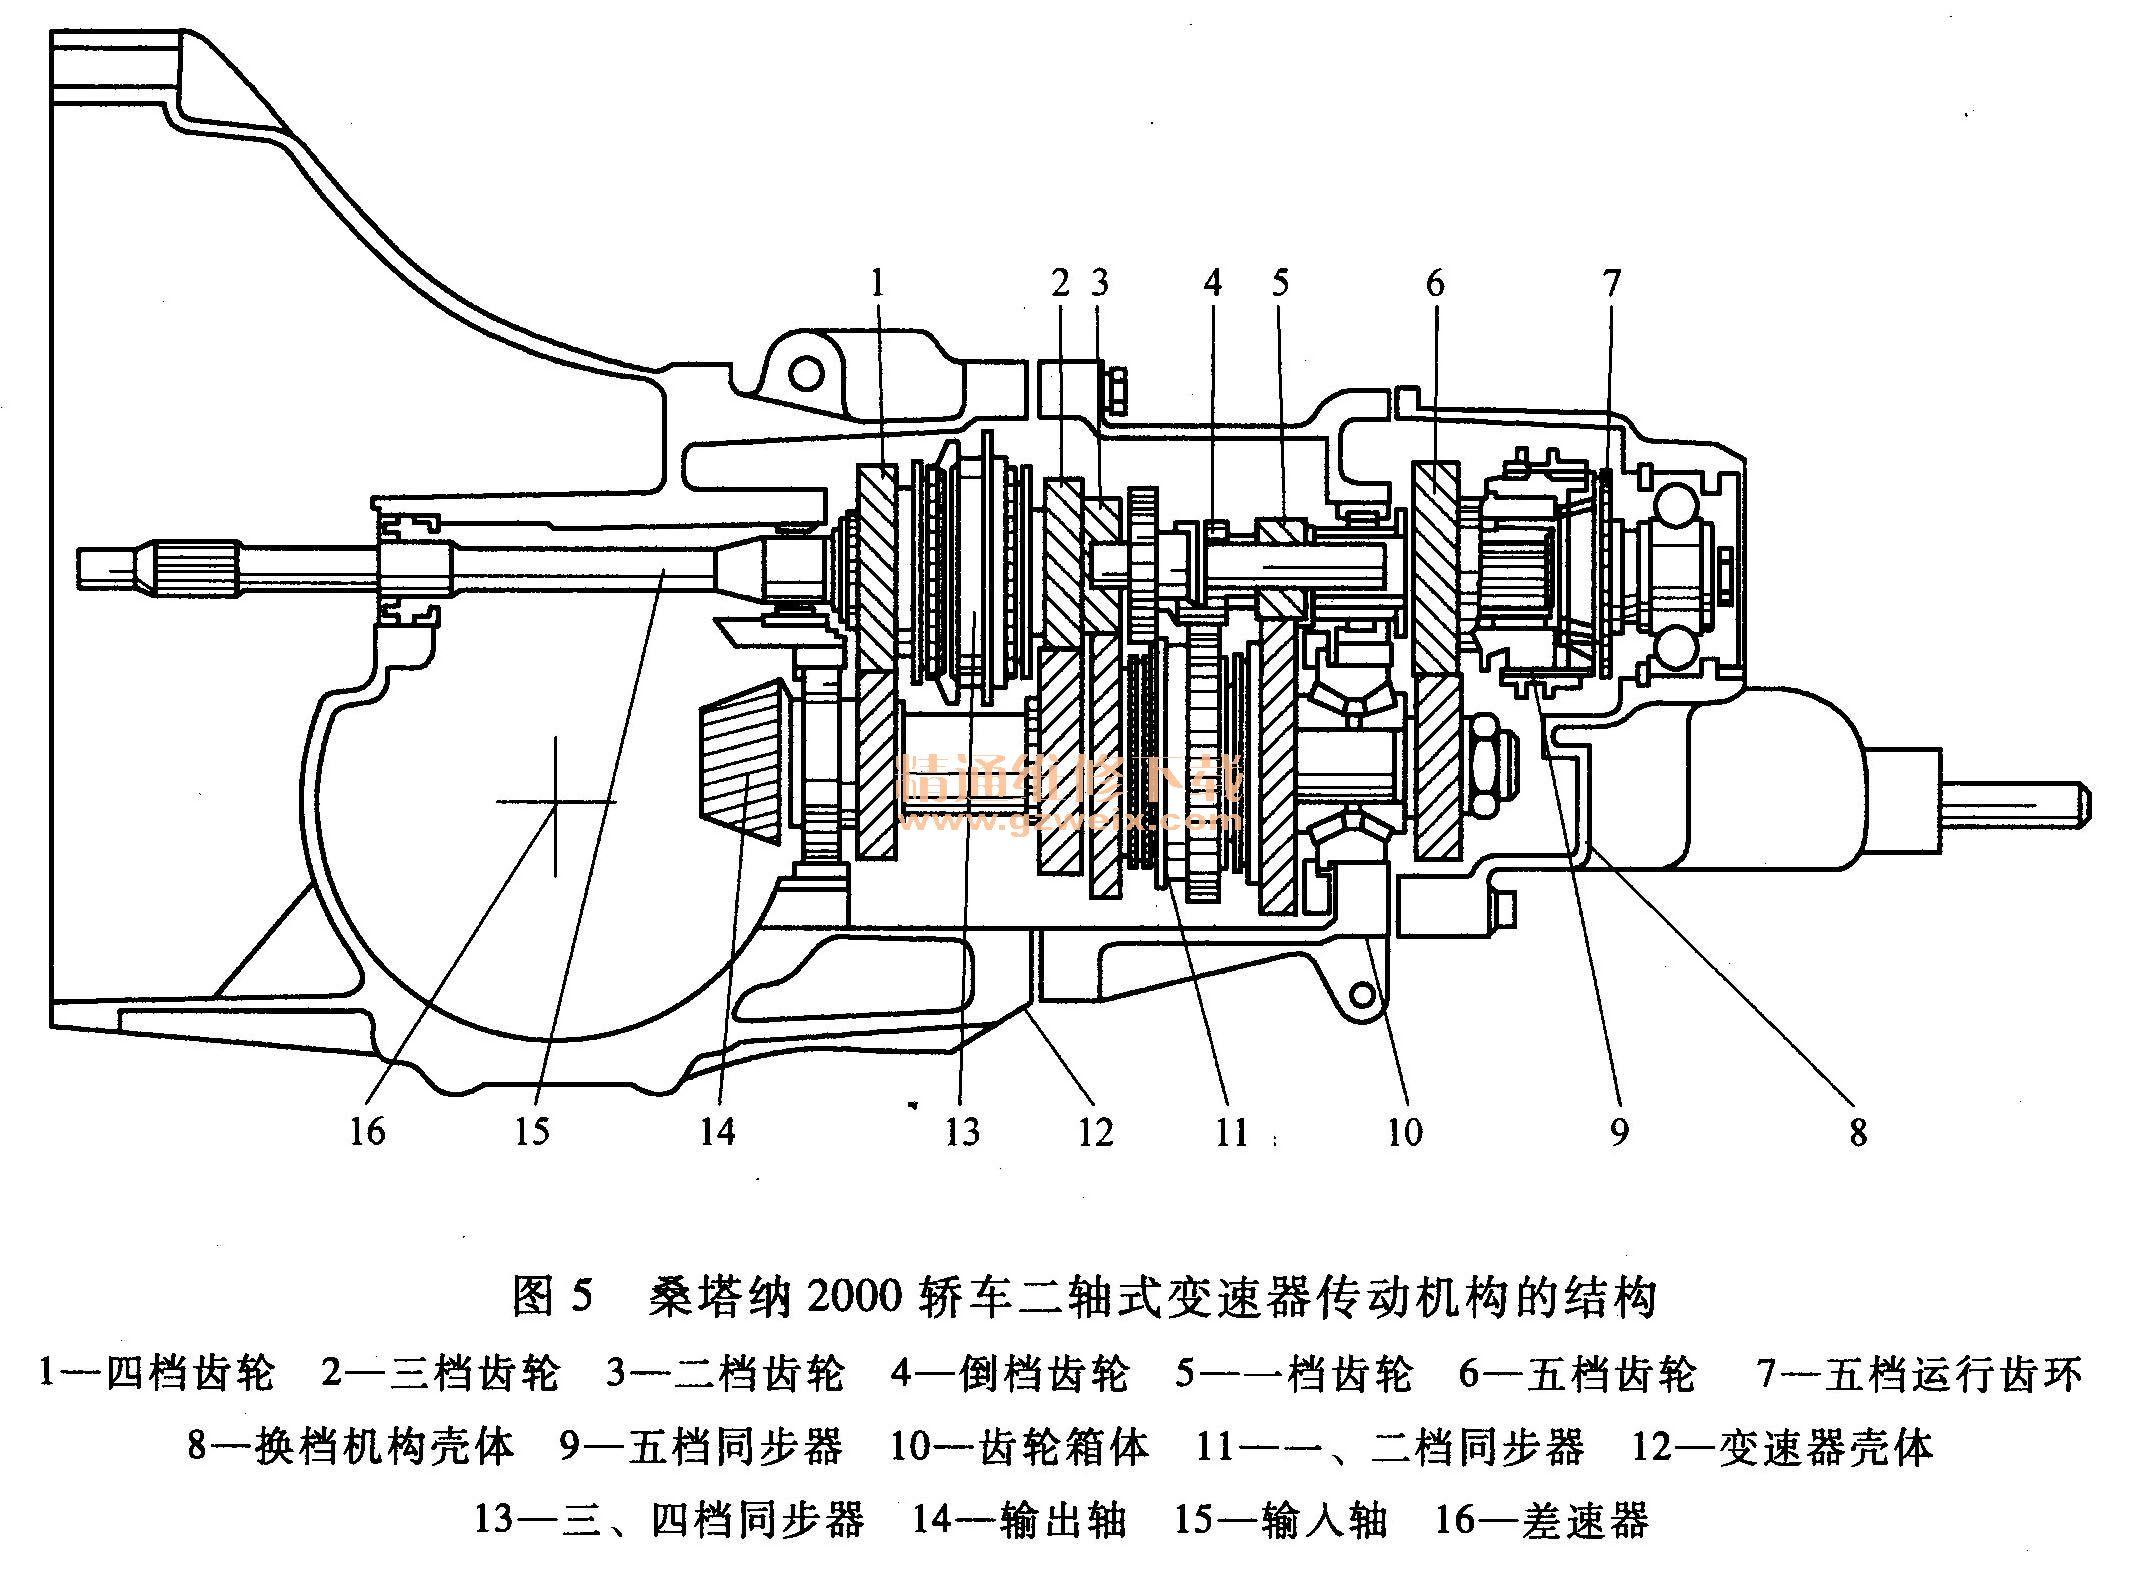 第二节 变速器的变速传动机构 手动变速器包括变速传动机构和操纵机构两大部分。变速传动机构的主要作用是改变转矩的大小和方向,操纵机构的作用是实现换档。 变速传动机构是变速器的主体,按土作轴的数量(不包括倒档轴)可分为二轴式变速器和三轴式变速器。 普通齿轮式变速器也称轴线固定式变速器(以下简称变速器),它按照变速器传动齿轮轴的数目,可分为两轴式变速器和三轴式变速器(也称中间轴式变速器)。 一、两轴式变速器 两轴式变速器的动力传递主要依靠两根相互平行的轴(输入轴和输出轴)完成。此外,还有一根比较短的倒档轴以帮助